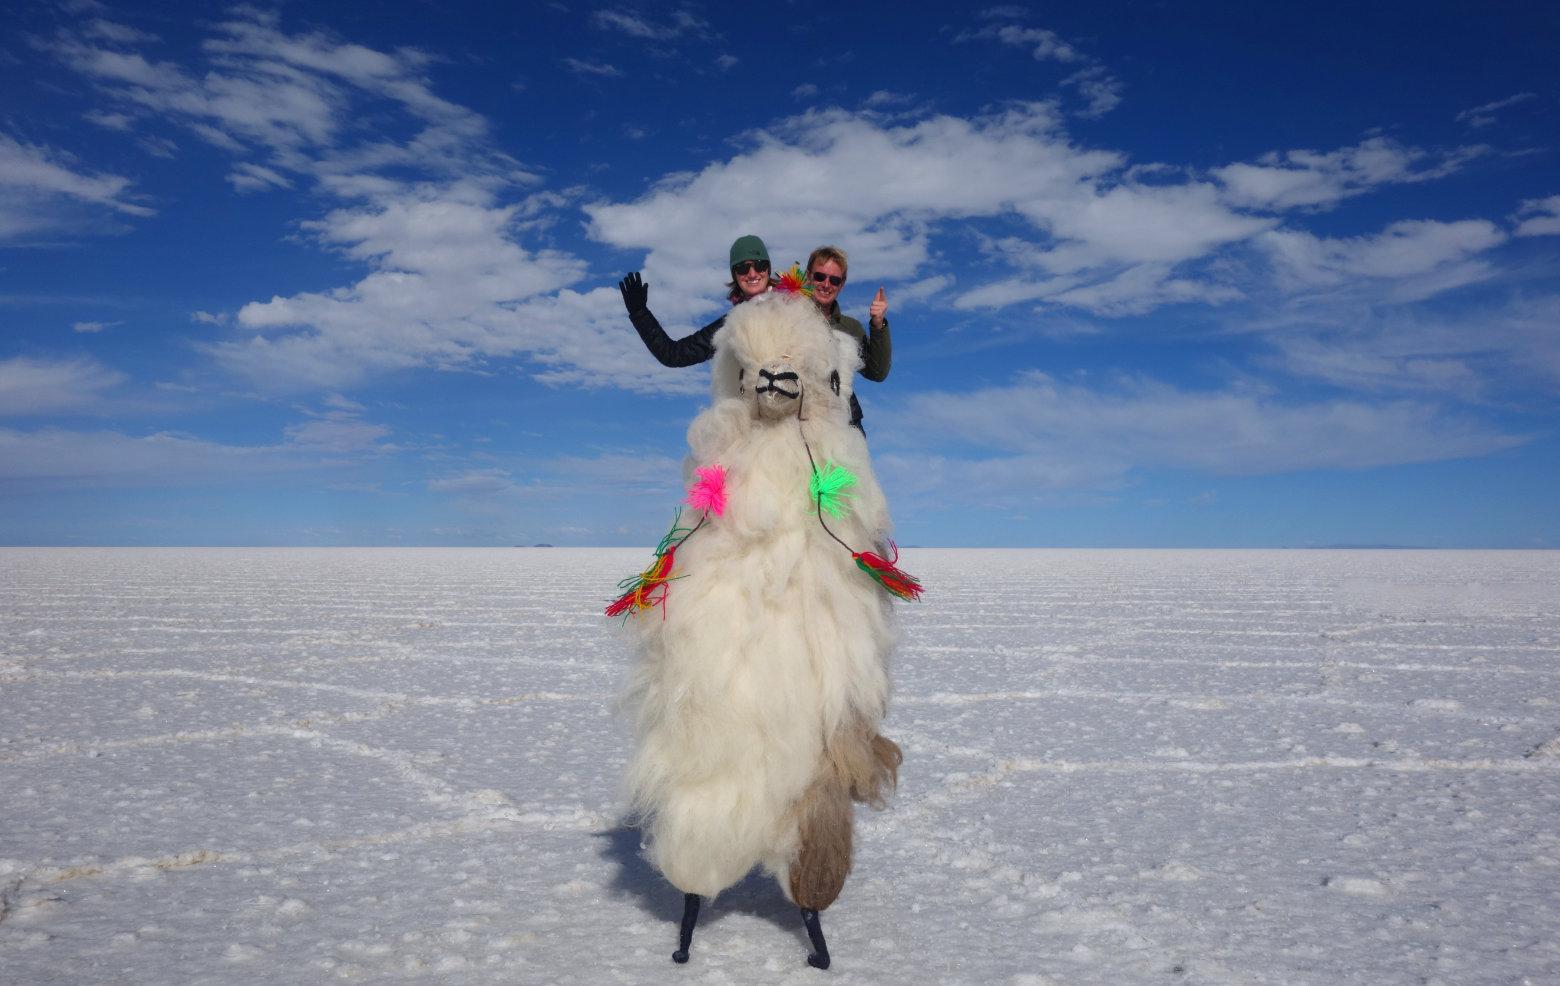 Bolivien Salar de Uyuni Paar auf Lama